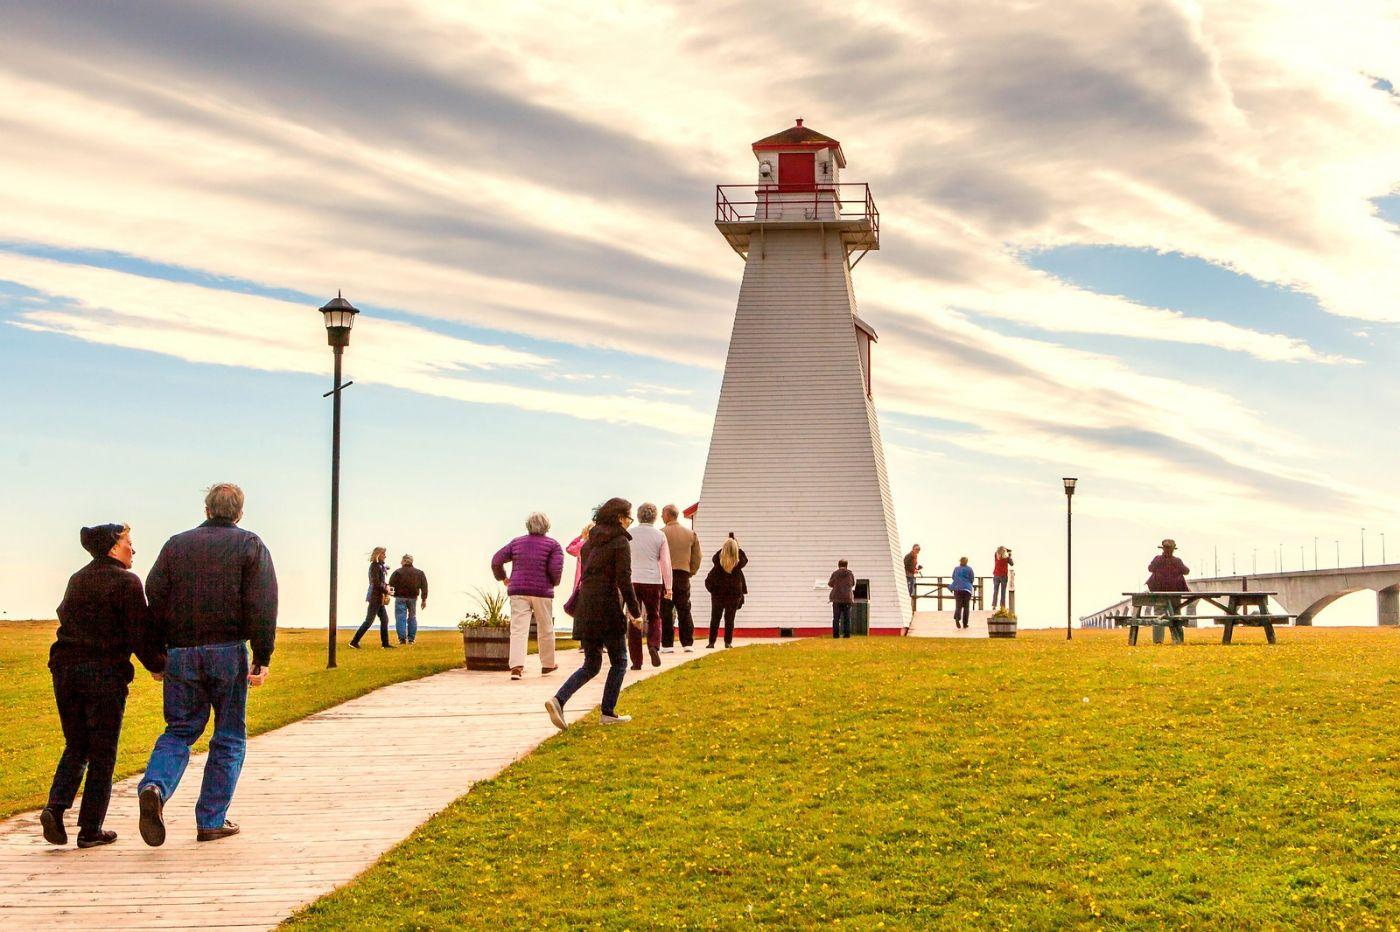 加拿大风景,长桥和灯塔_图1-4